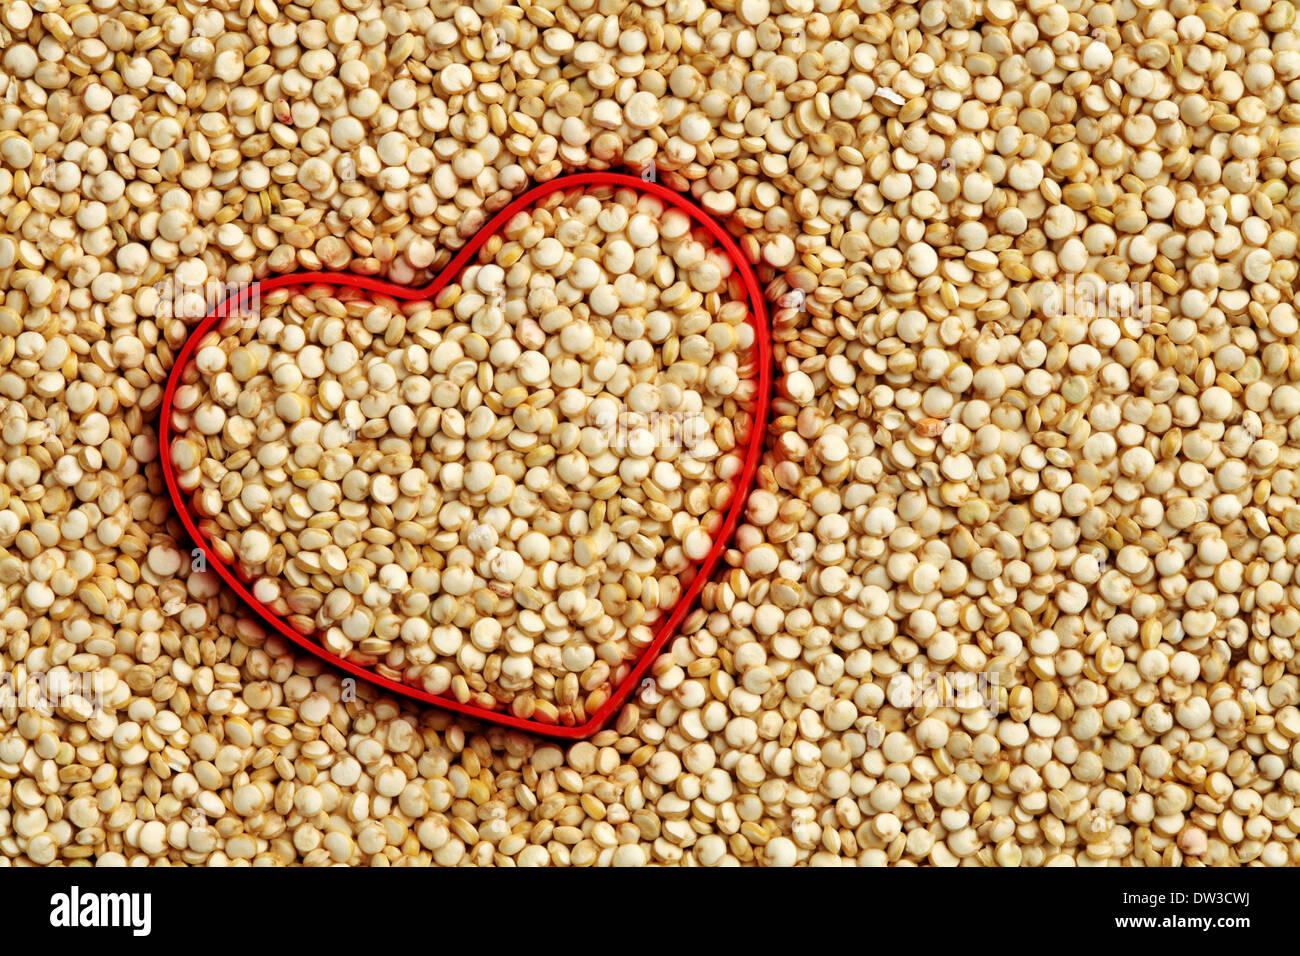 Cuore rosso forma a crudo su sfondo di quinoa Immagini Stock